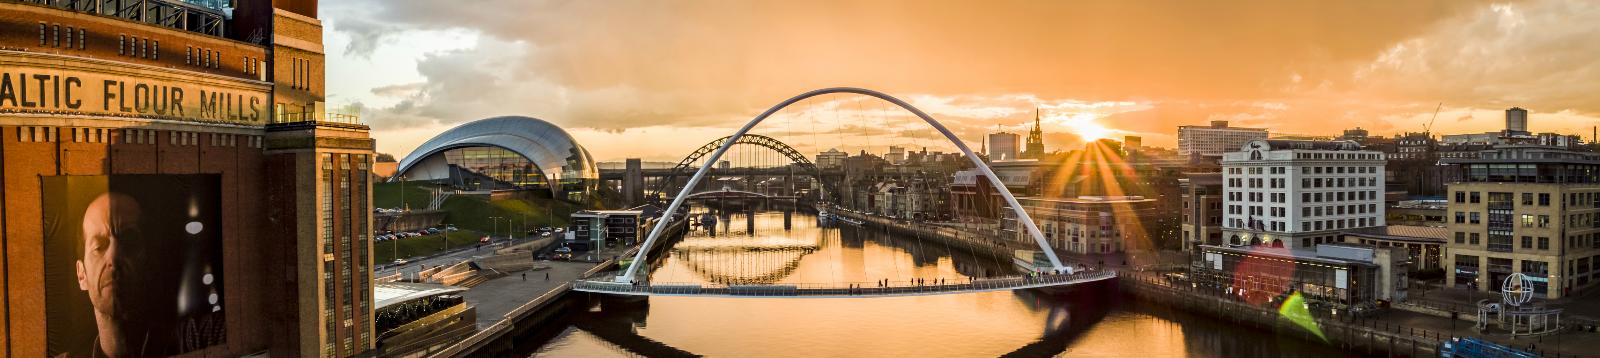 Gateshead Millennium Bridge aerial